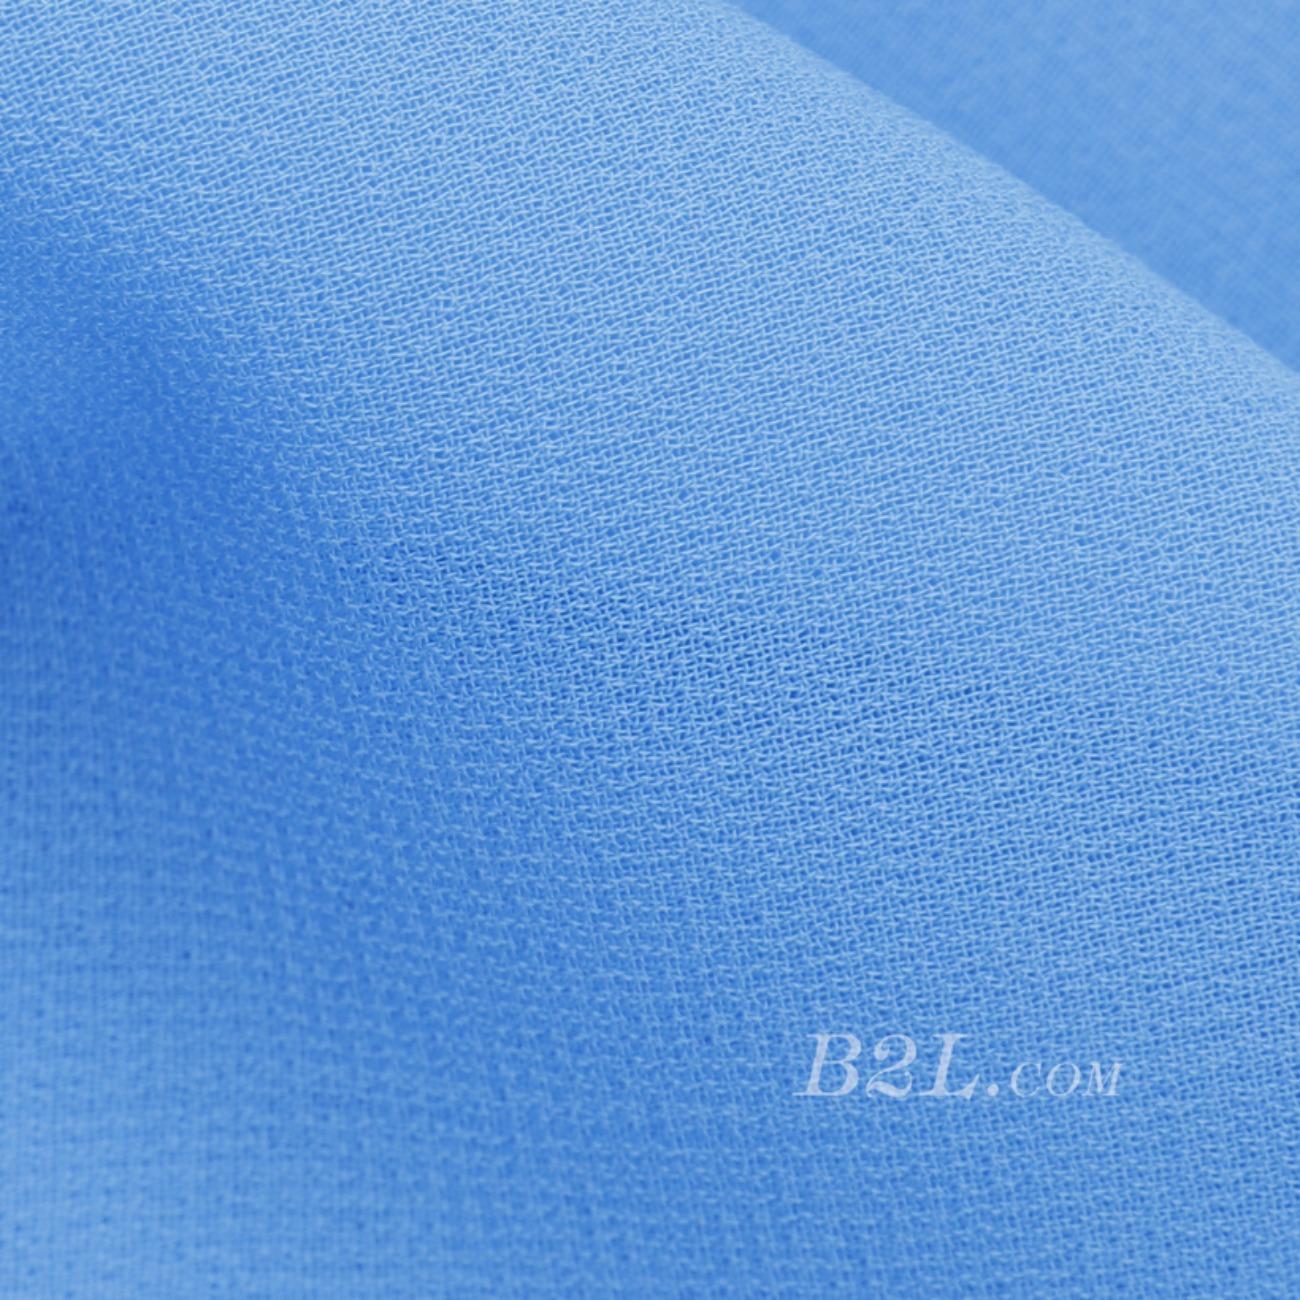 珍珠雪纺 素色 梭织 染色 无弹 连衣裙 衬衫 柔软 女装 春夏 71116-52